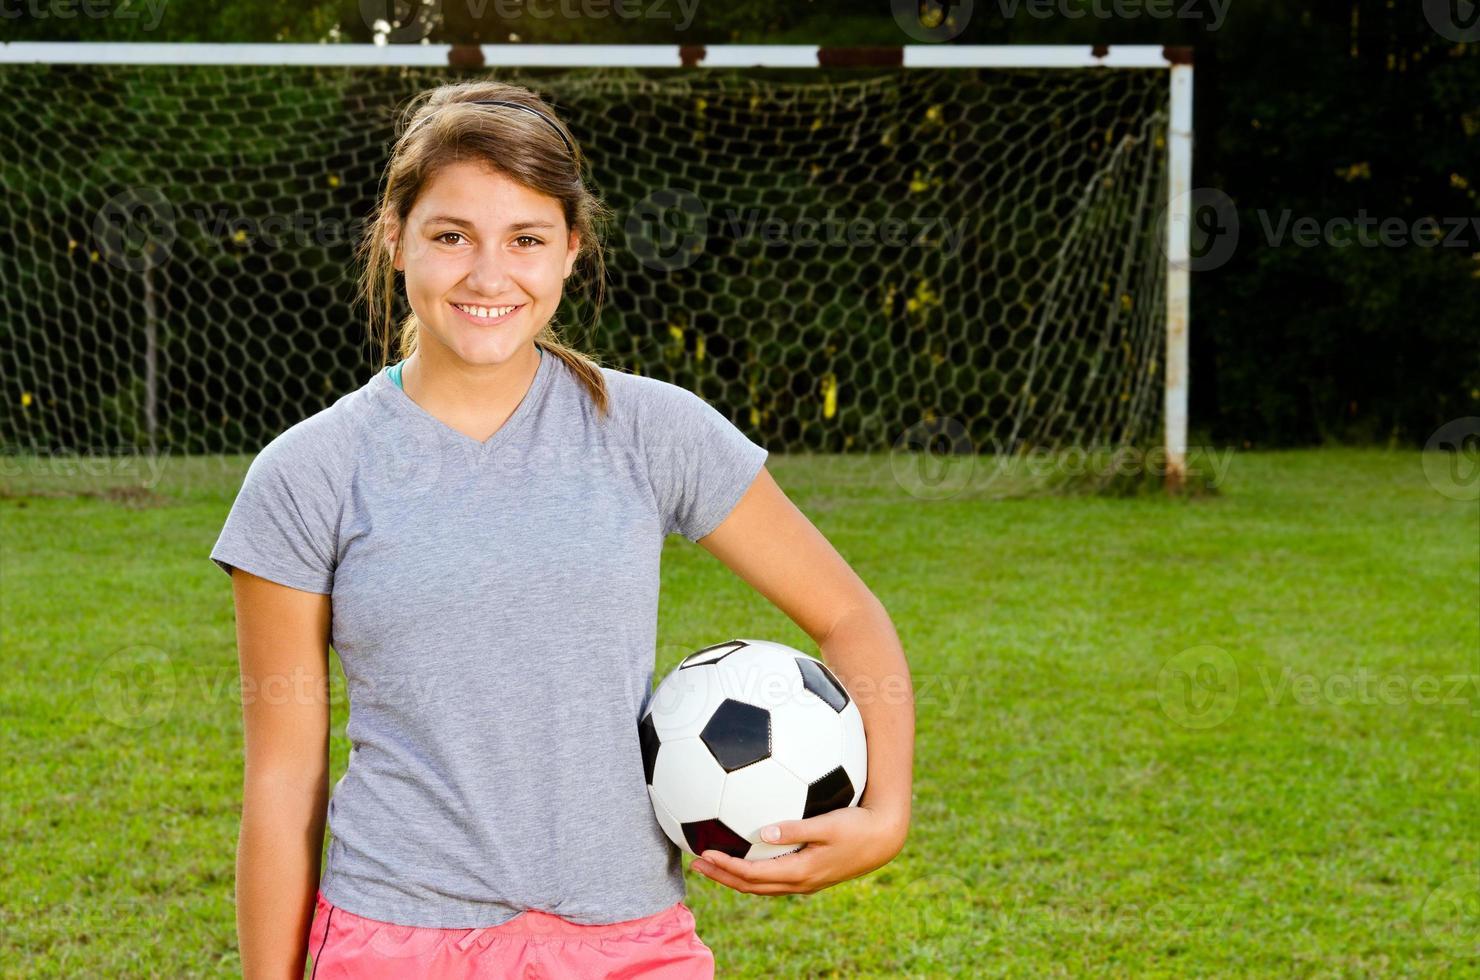 Retrato de jugador de fútbol de niña adolescente foto